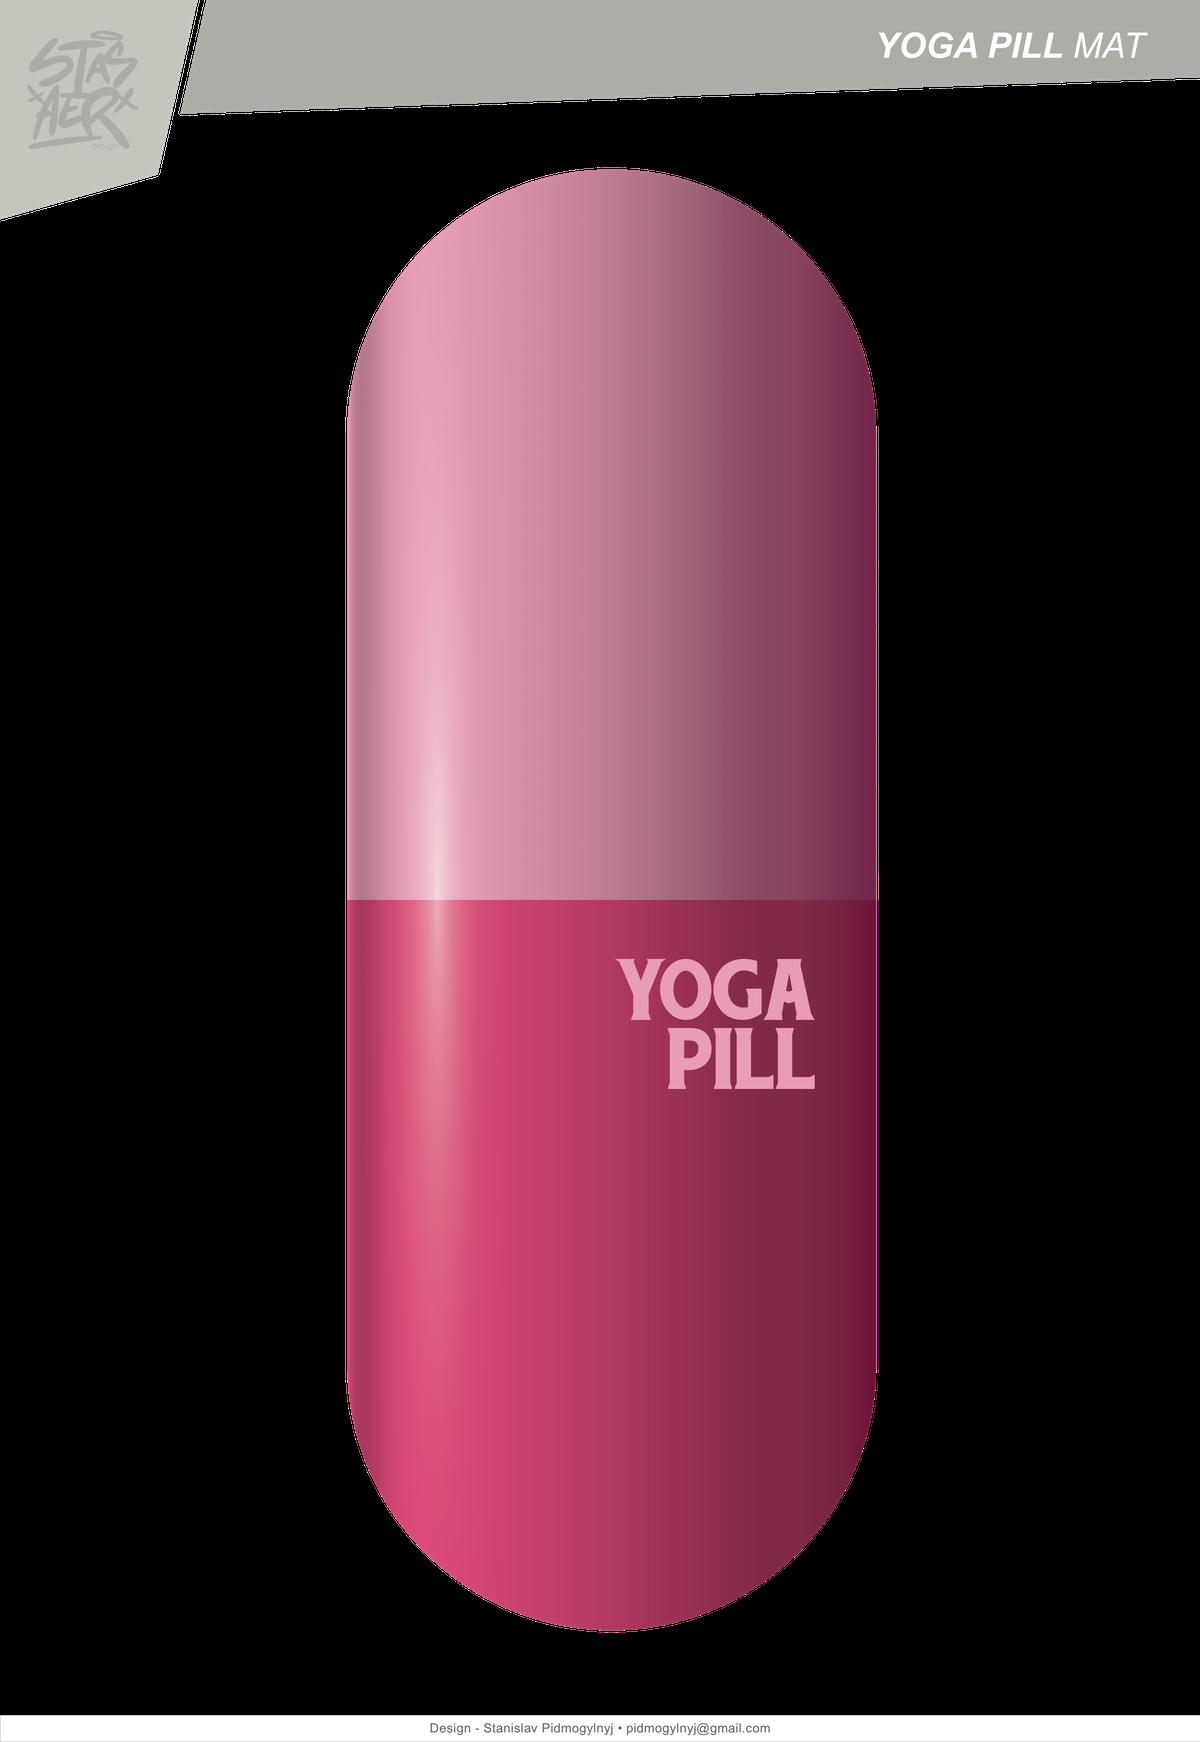 Design for new brand of Yoga mat